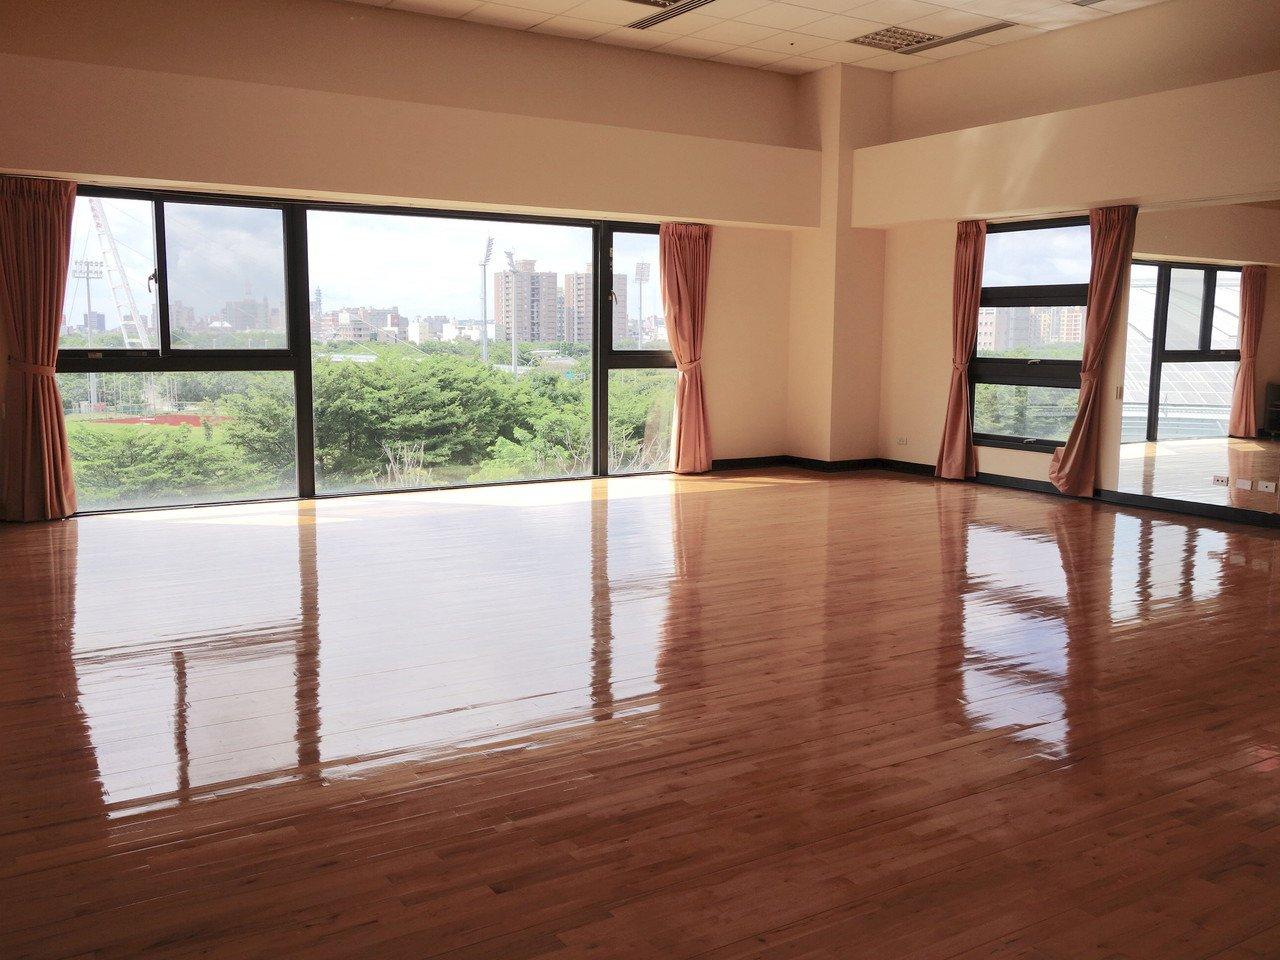 多功能地板教室採大片落地窗,景色優美。記者郭政芬/攝影